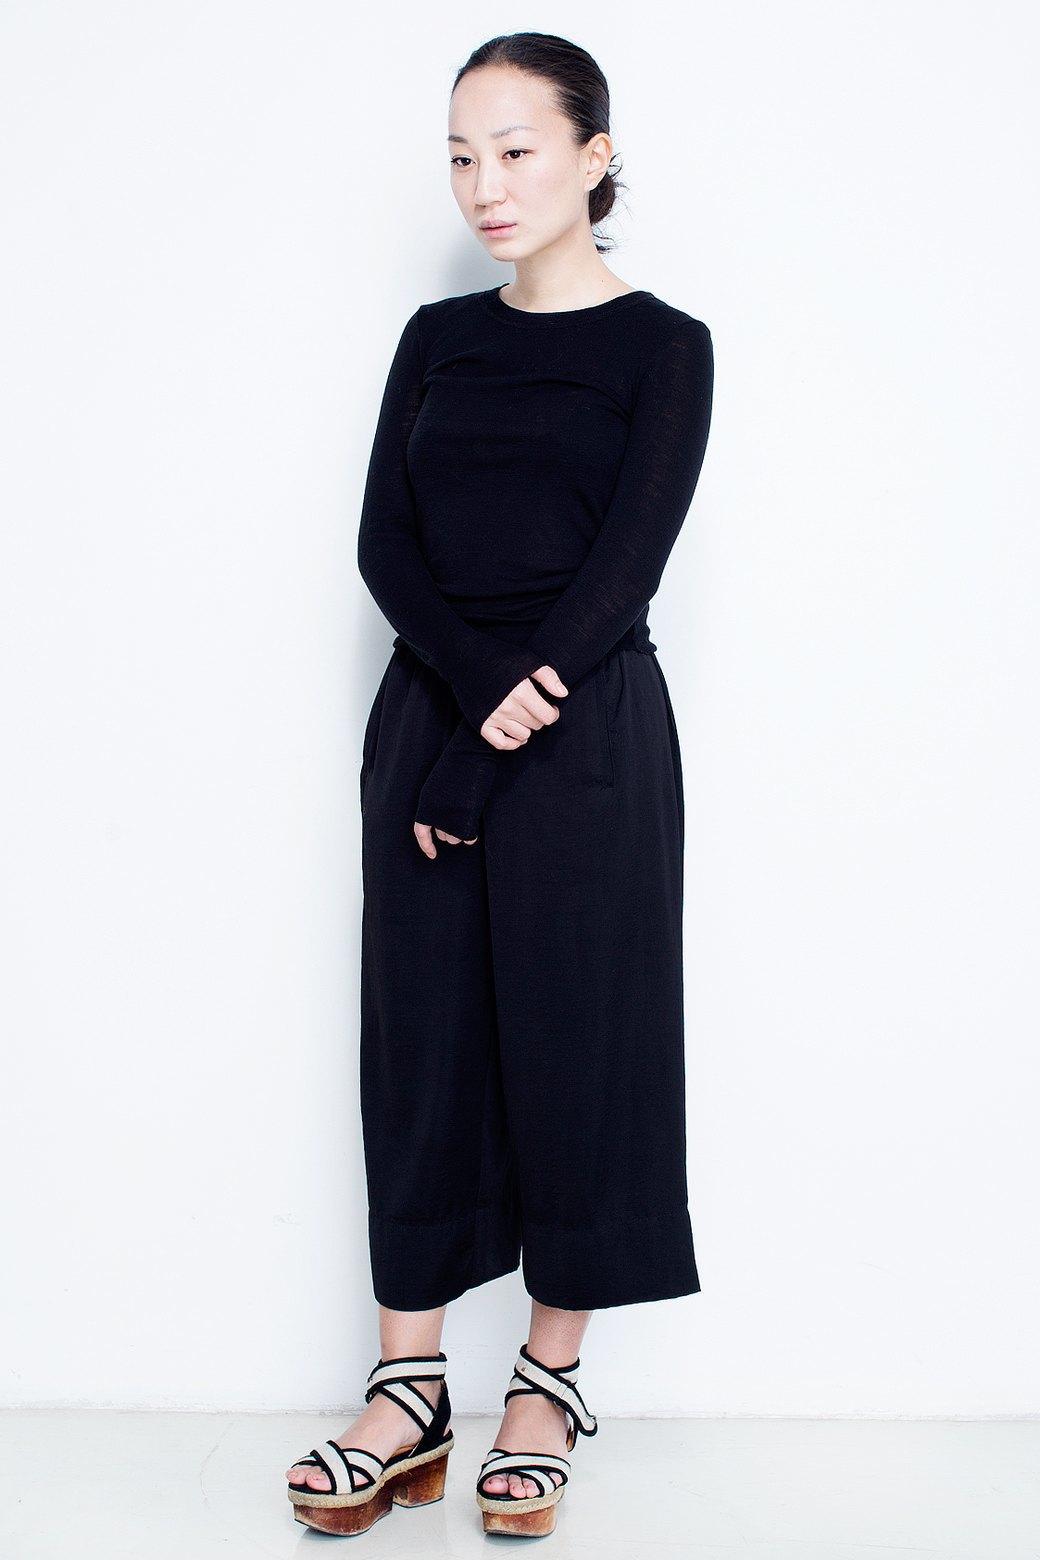 Дизайнер J.Kim Женя Ким о любимых нарядах. Изображение № 8.